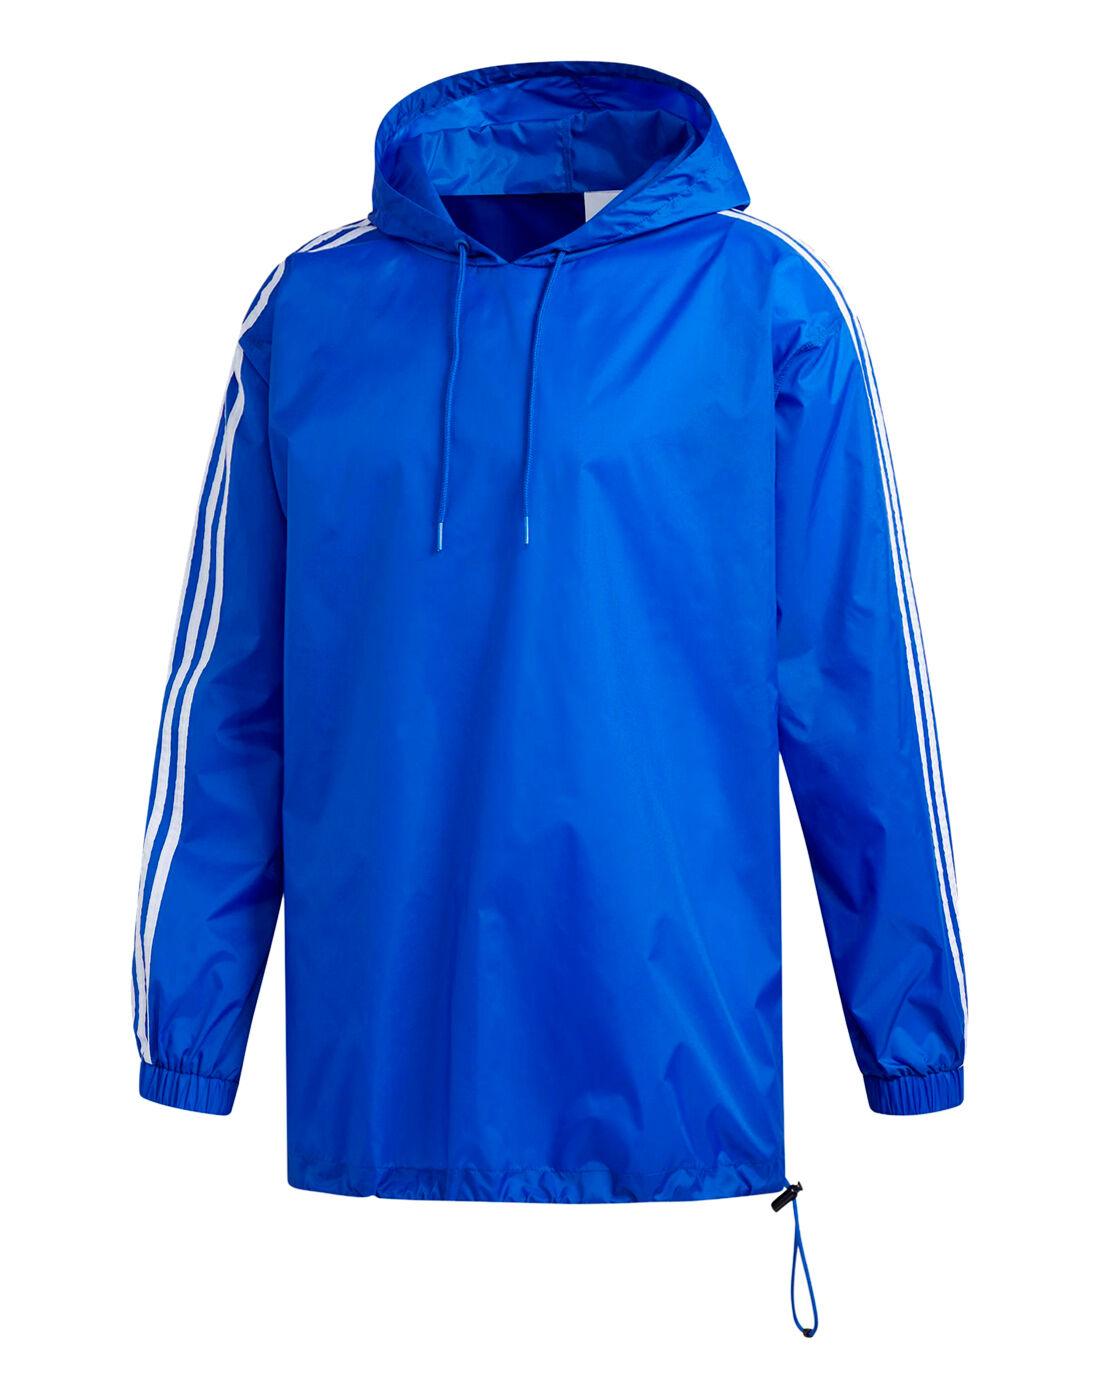 mens blu adidas originali poncho impermeabile di stile di vita, sport